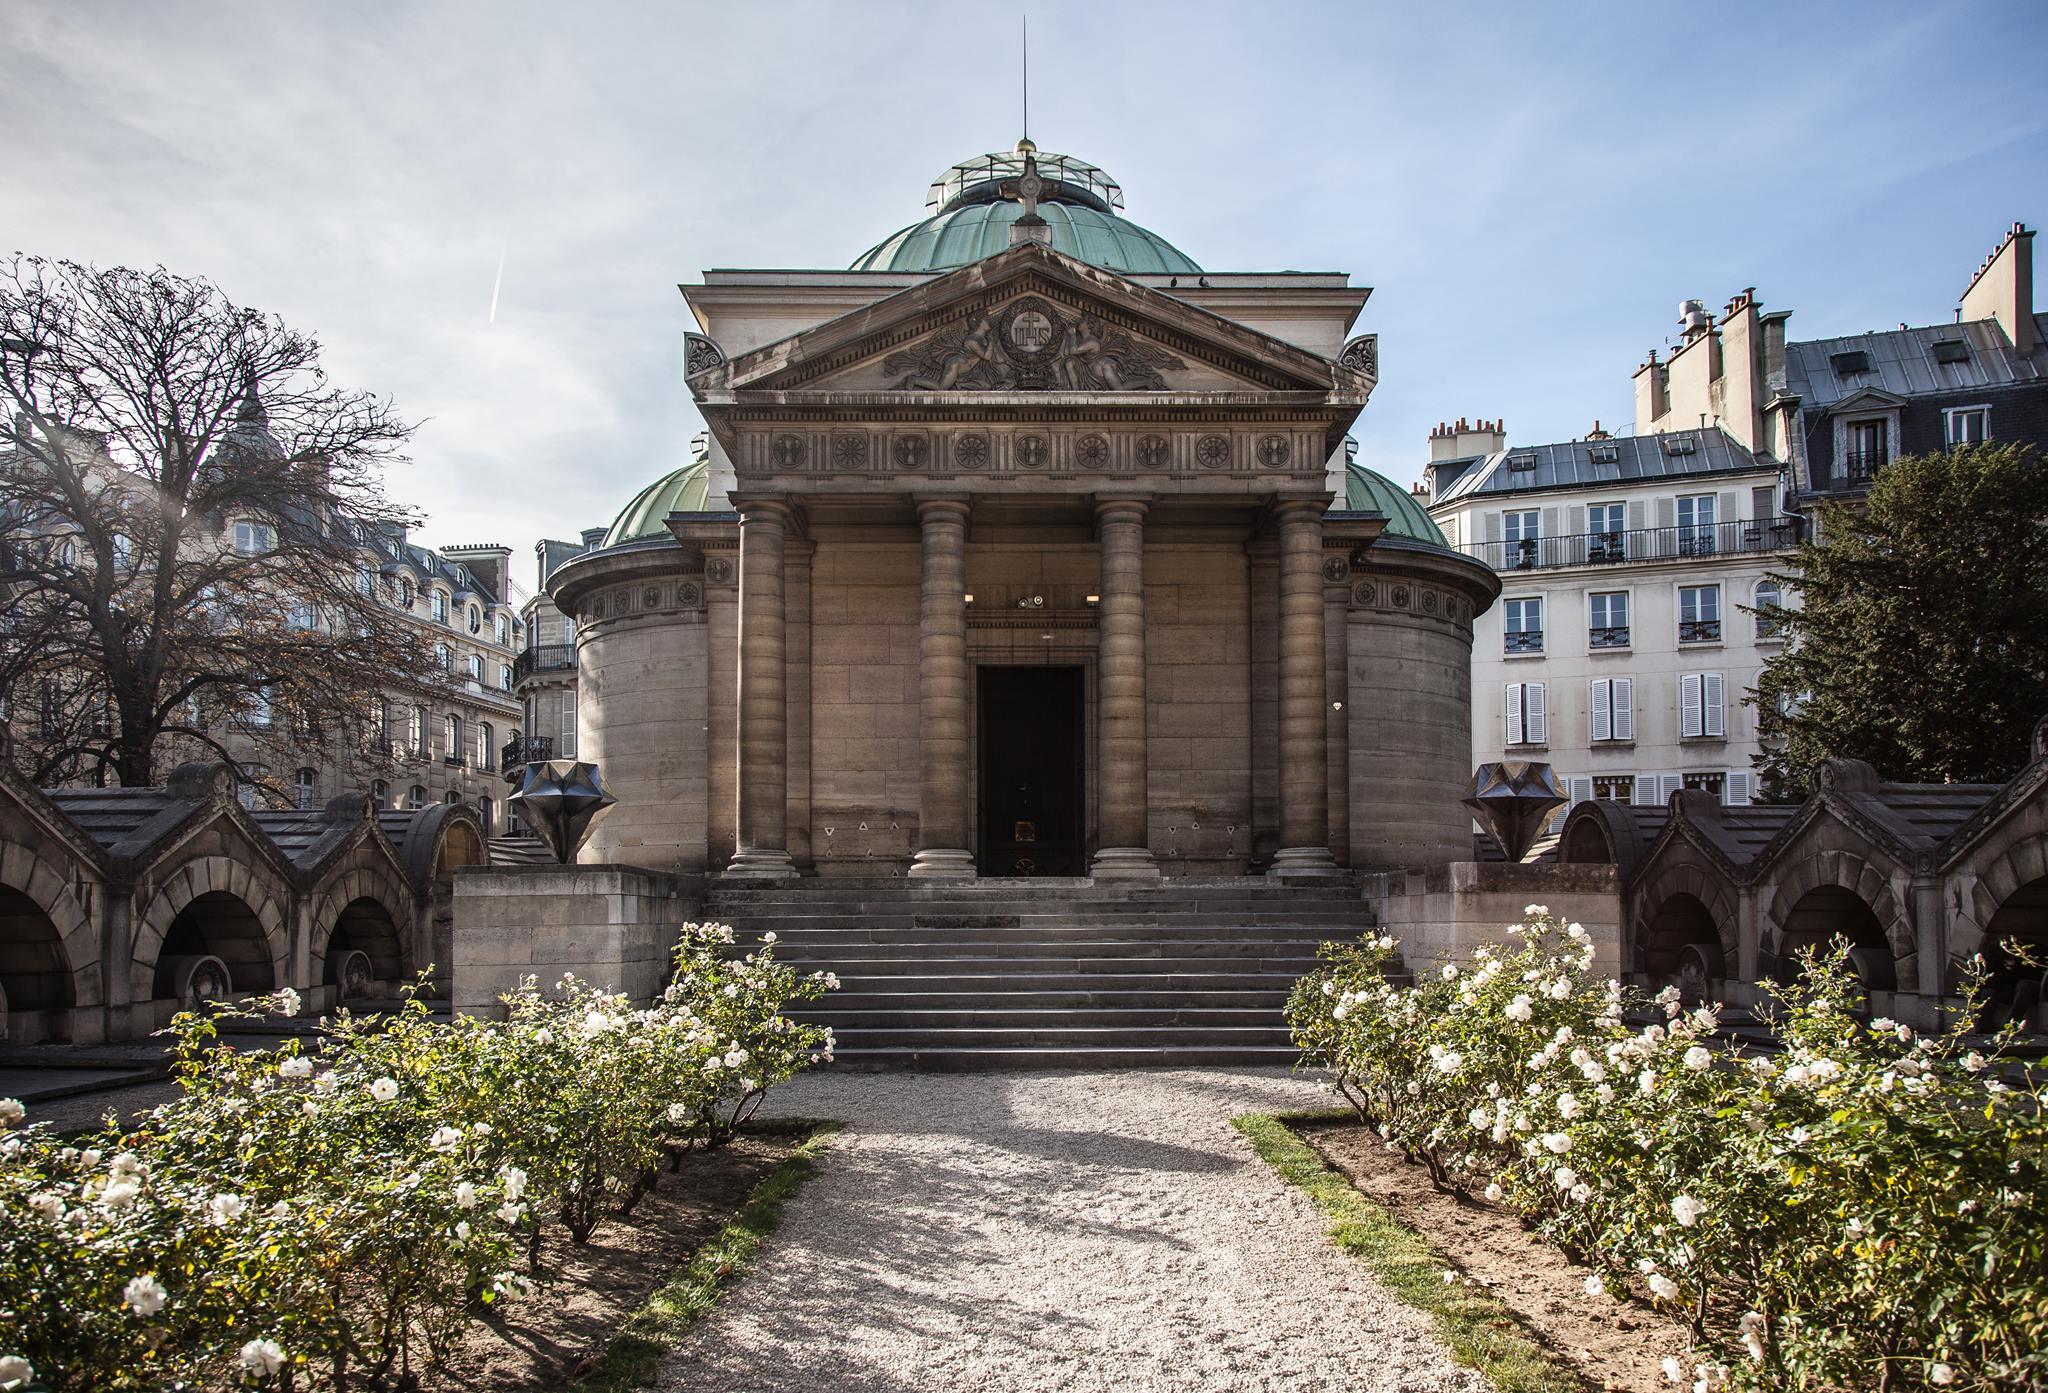 Chapelle Expiatoire di Parigi